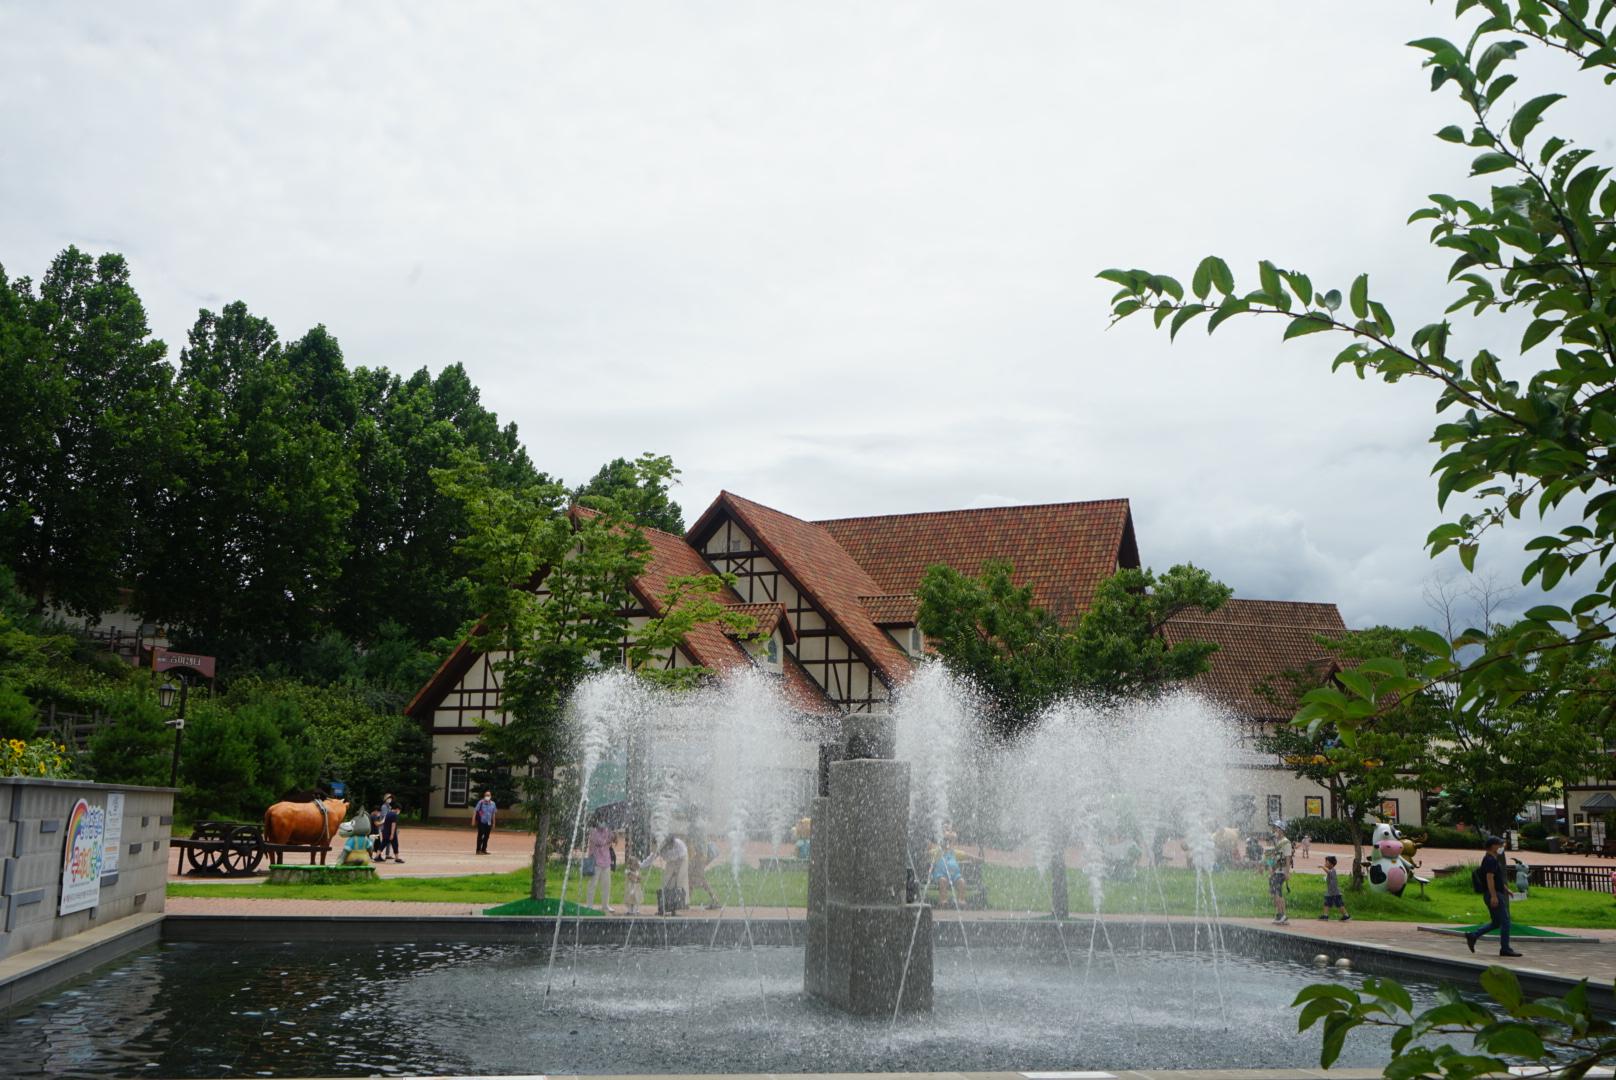 안성 팜랜드 연꽃이 핀 연못